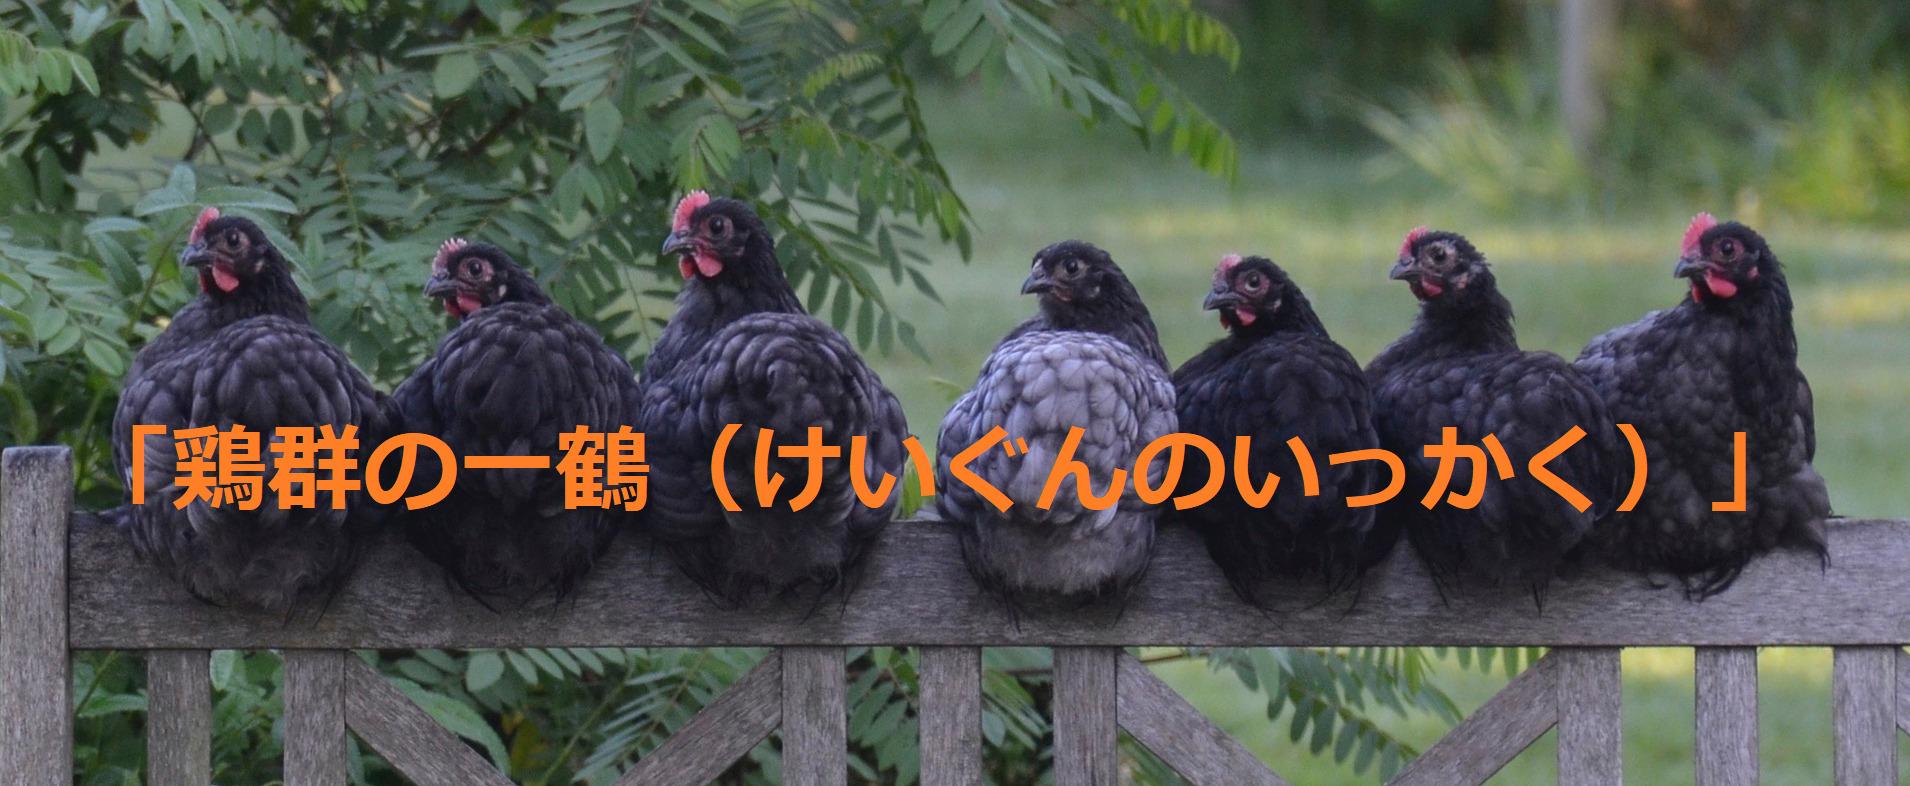 黒いニワトリ数匹